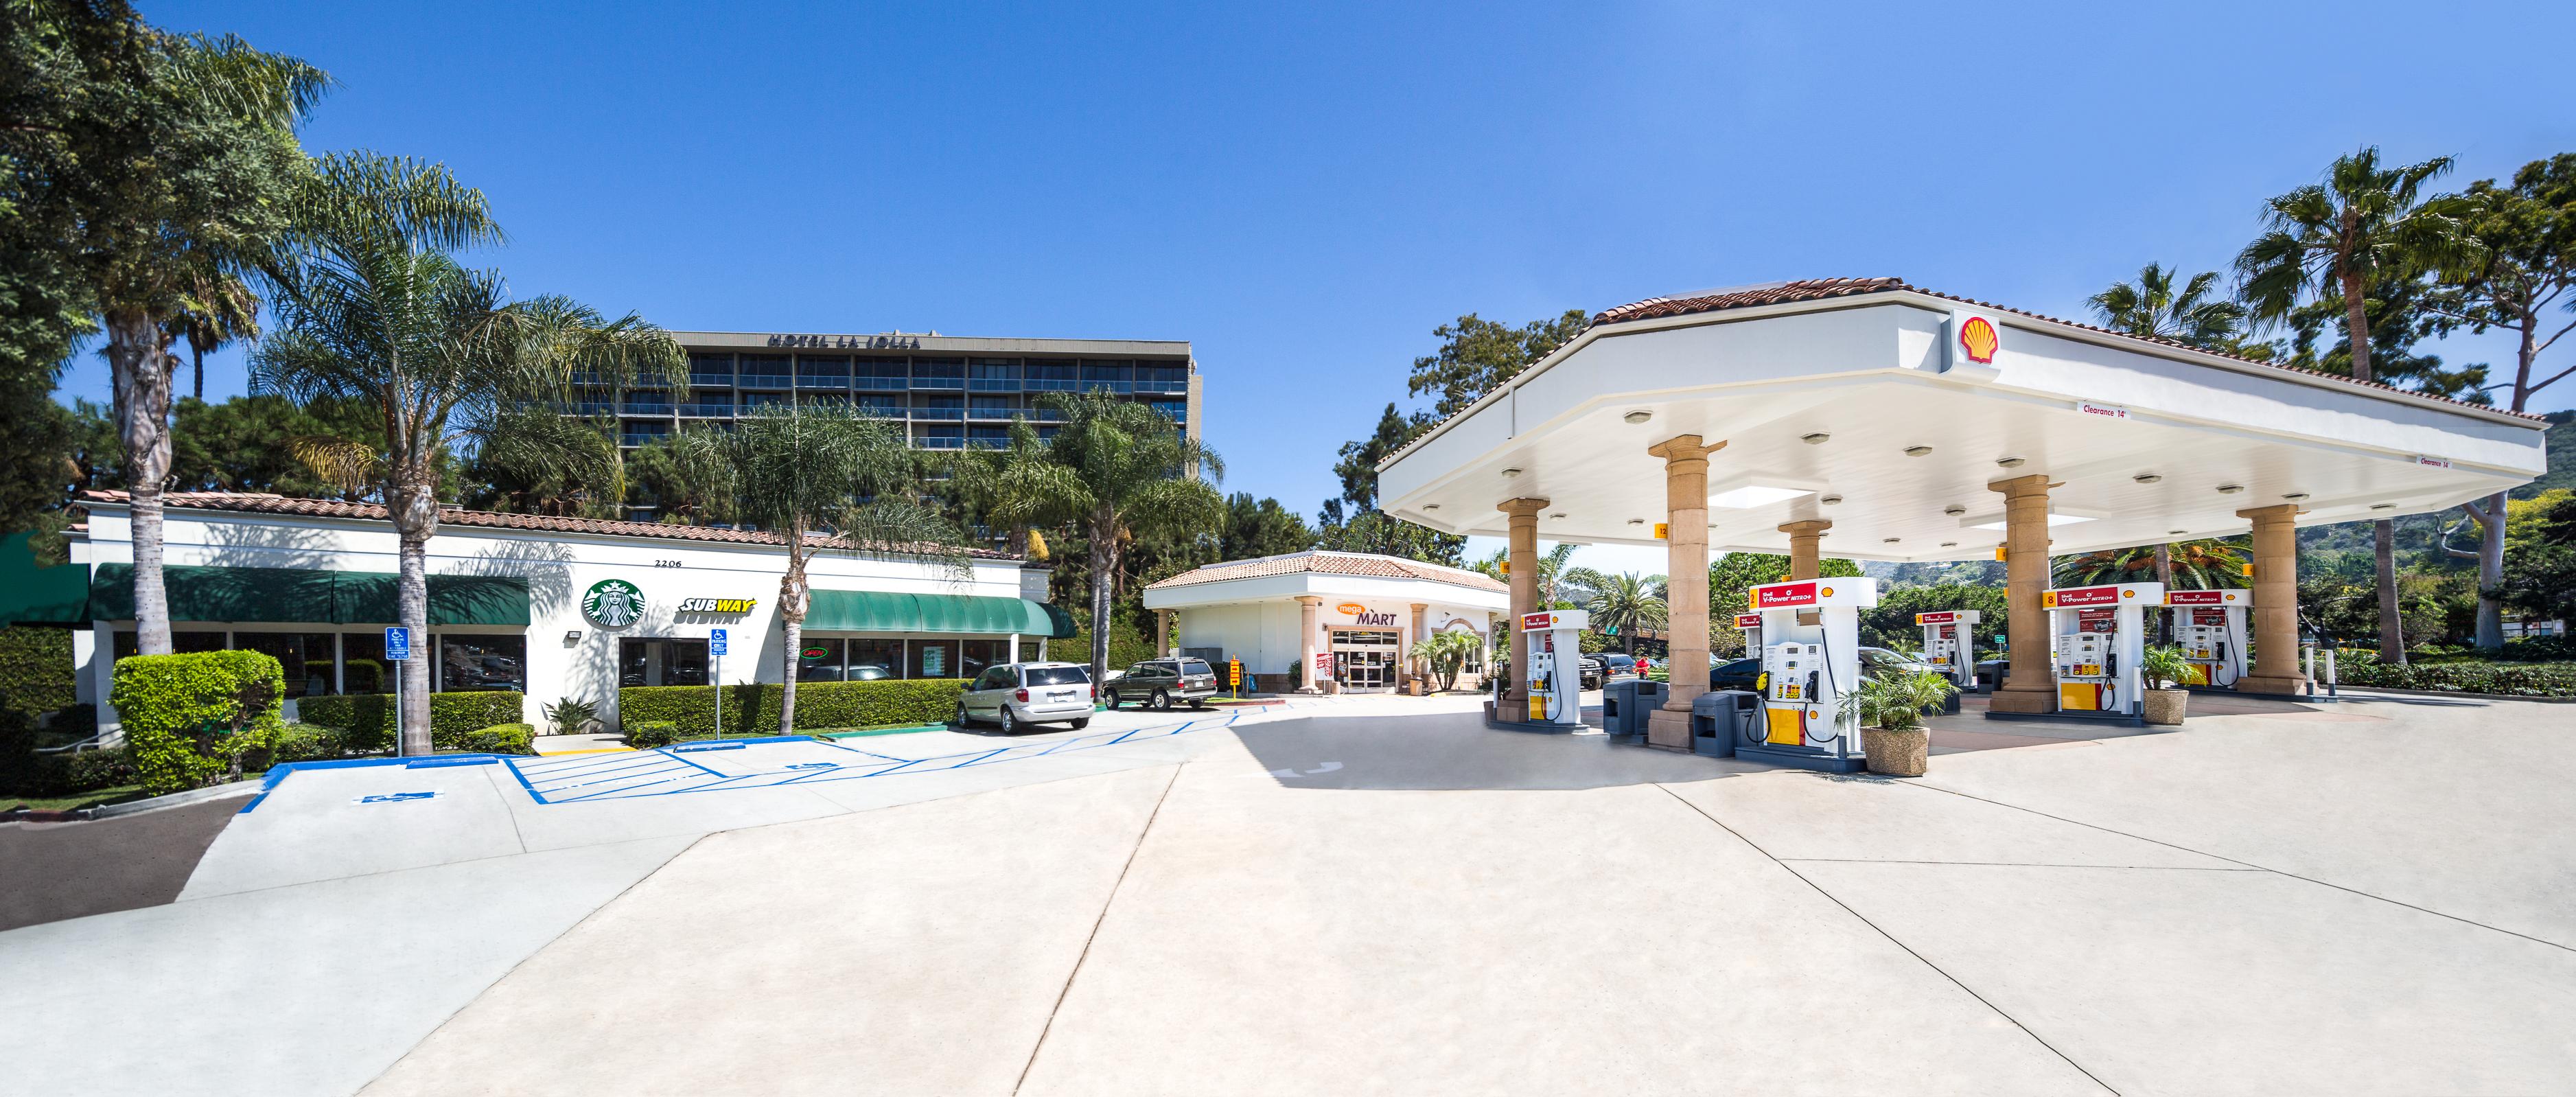 La Jolla Gateway Retail Center